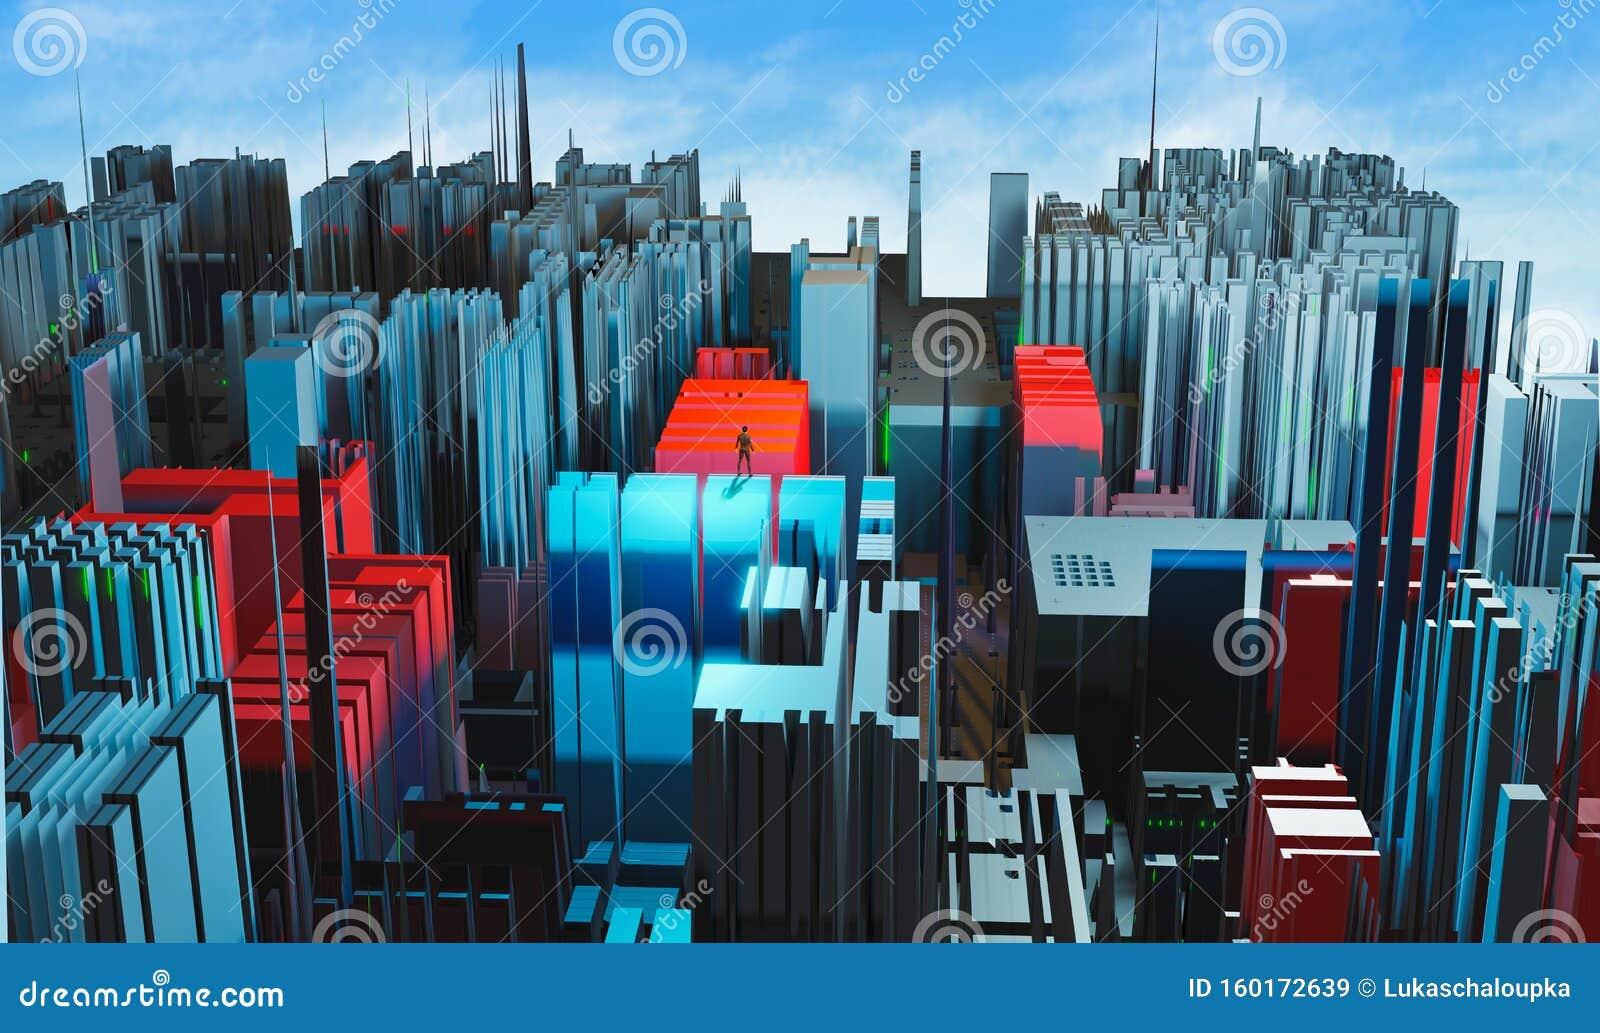 Man die staat op de fractale, kleurrijke rode en blauwe stad met blauwe lucht en wolken Moderne stad in de toekomst, 3D rendering